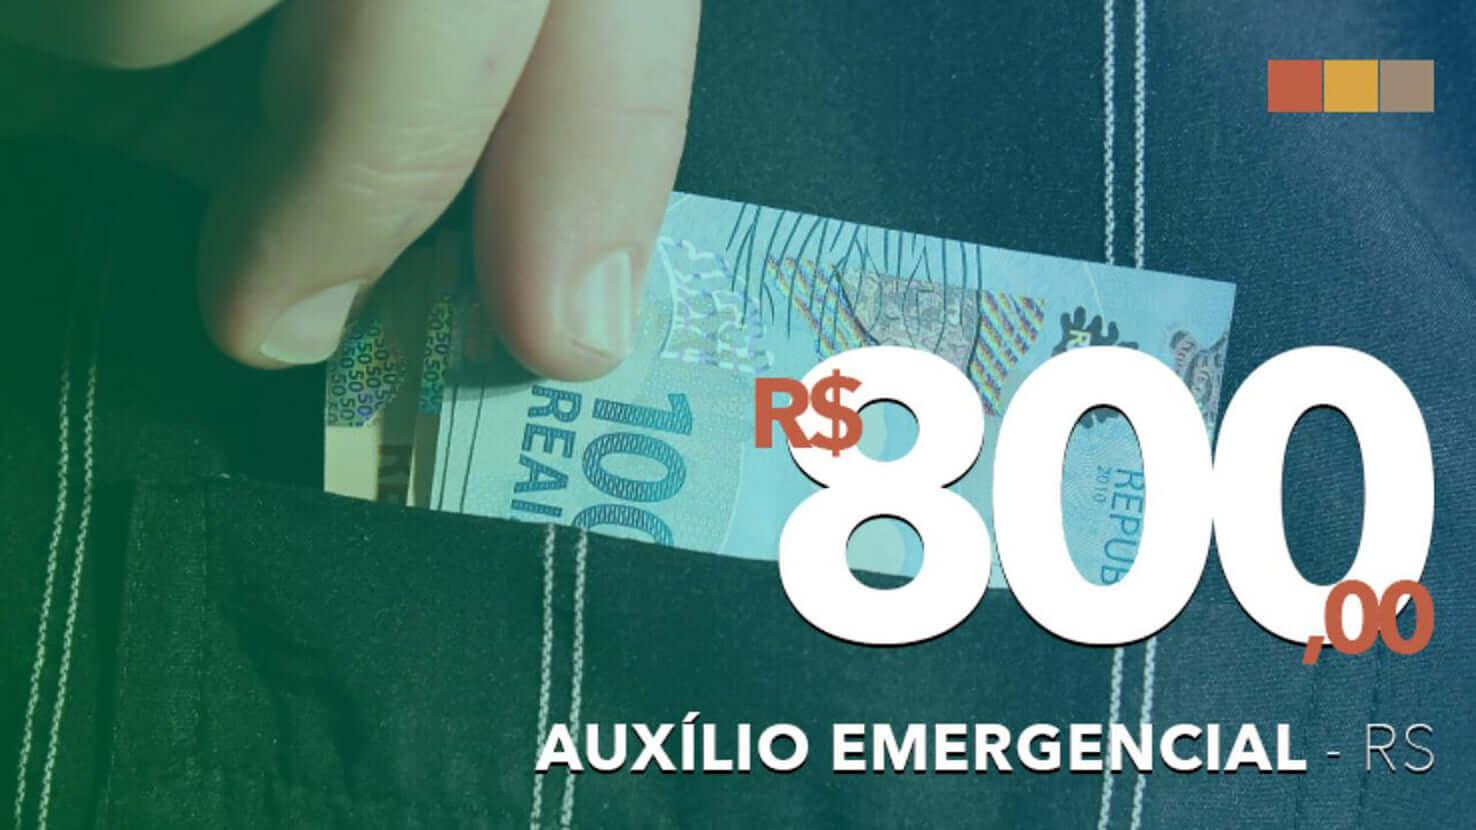 Município faz chamamento para concessão de auxílio emergencial